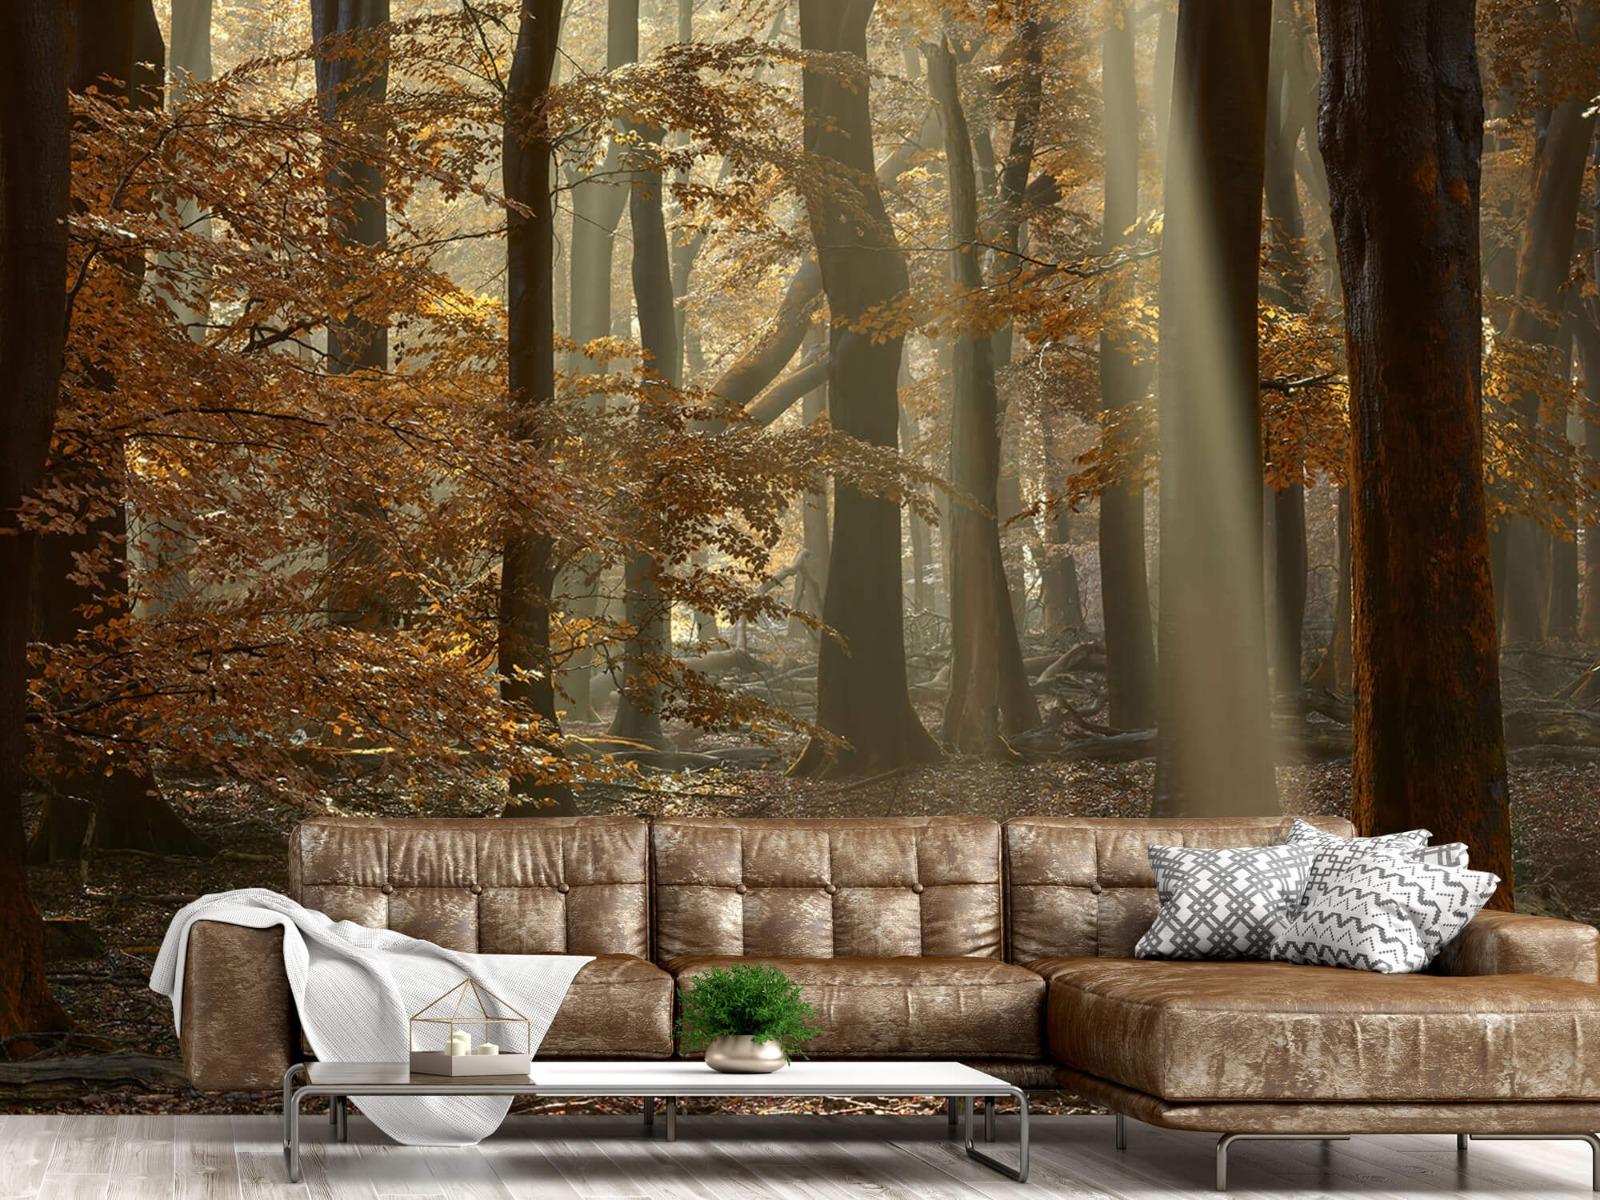 Bos behang - Herfstkleuren in het bos - Slaapkamer 1